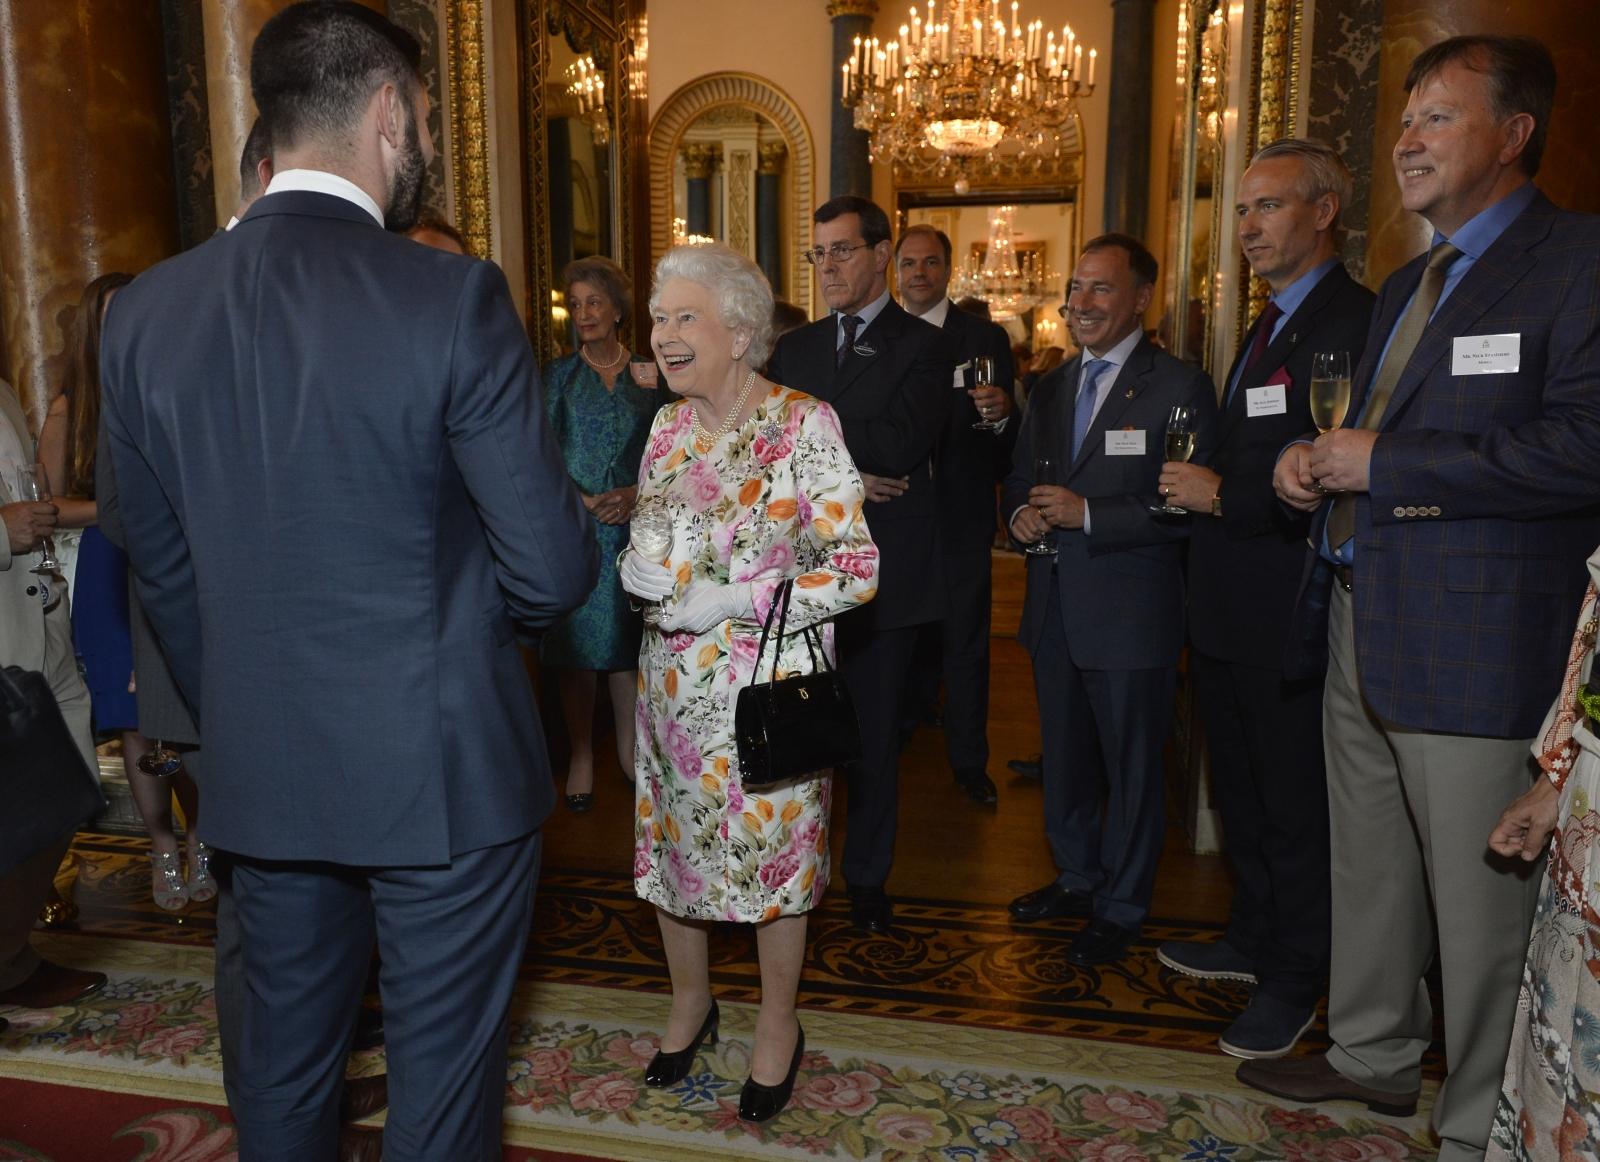 Queen Enterprise Awards